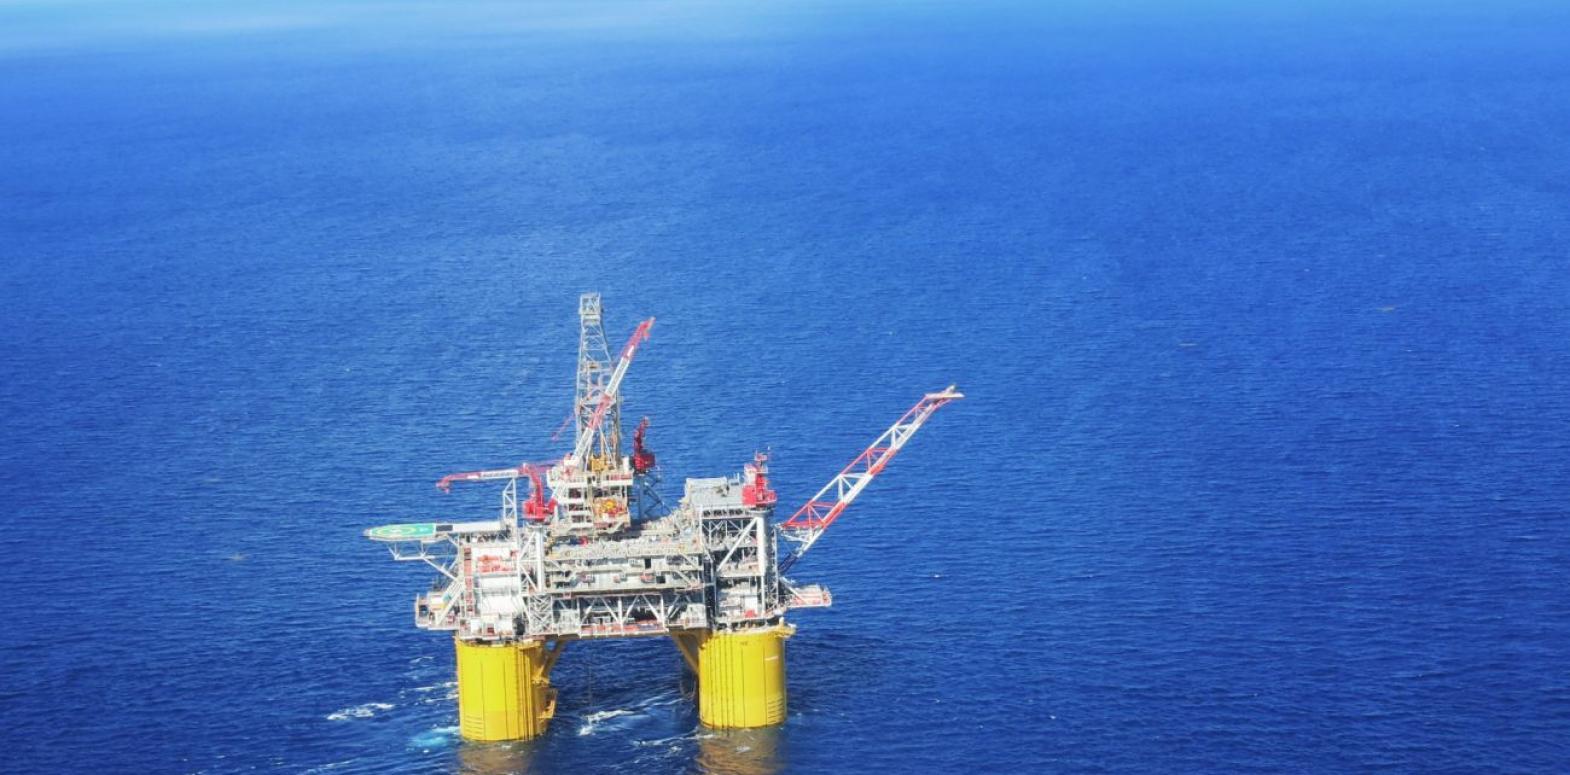 Цены на нефть снижаются на фоне экономических данных из Китая